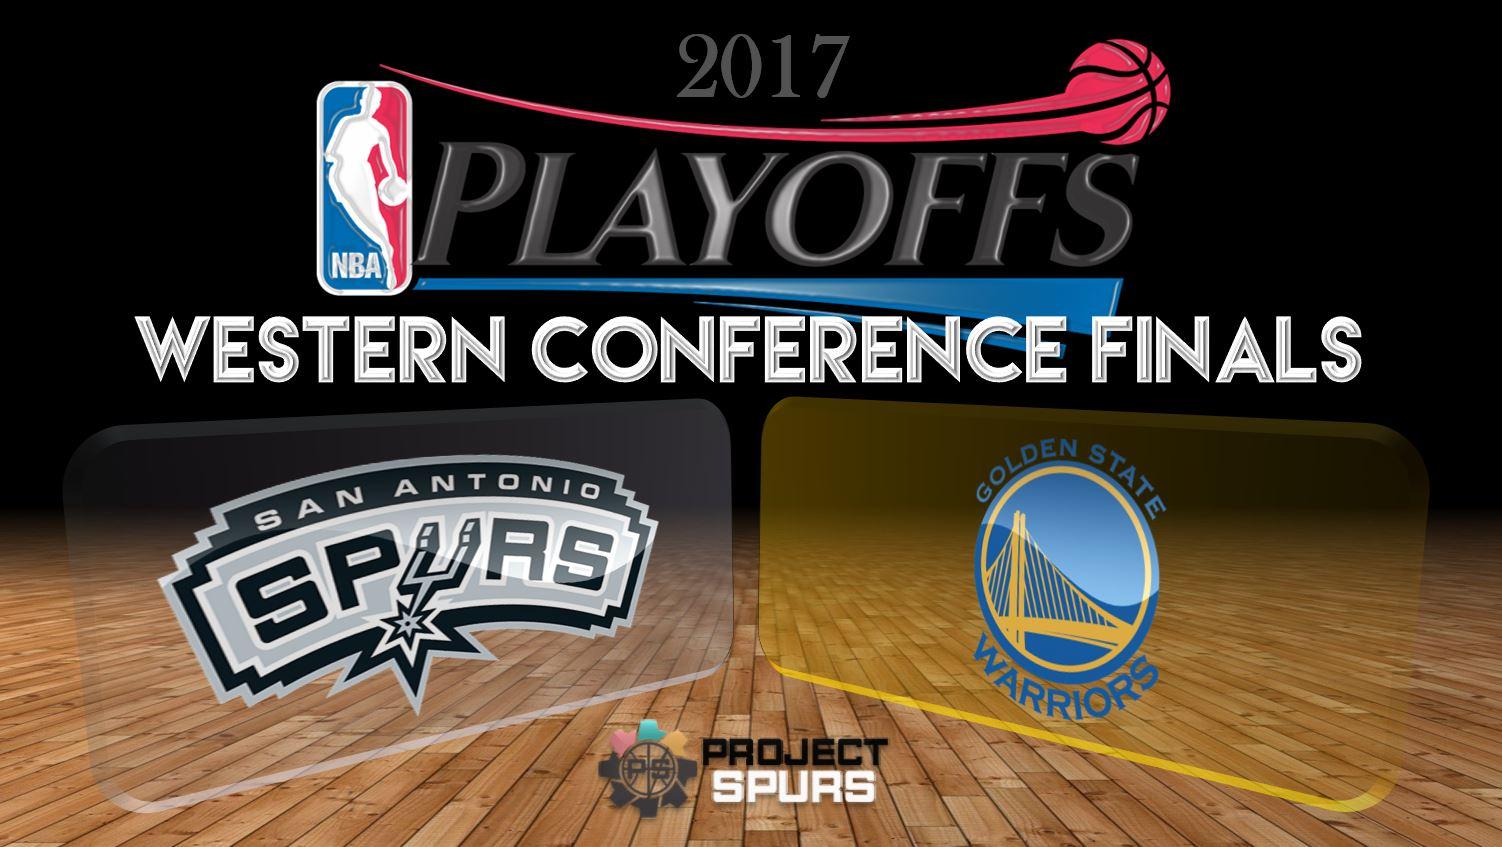 Quantitative & Qualitative look at Spurs vs Warriors Series